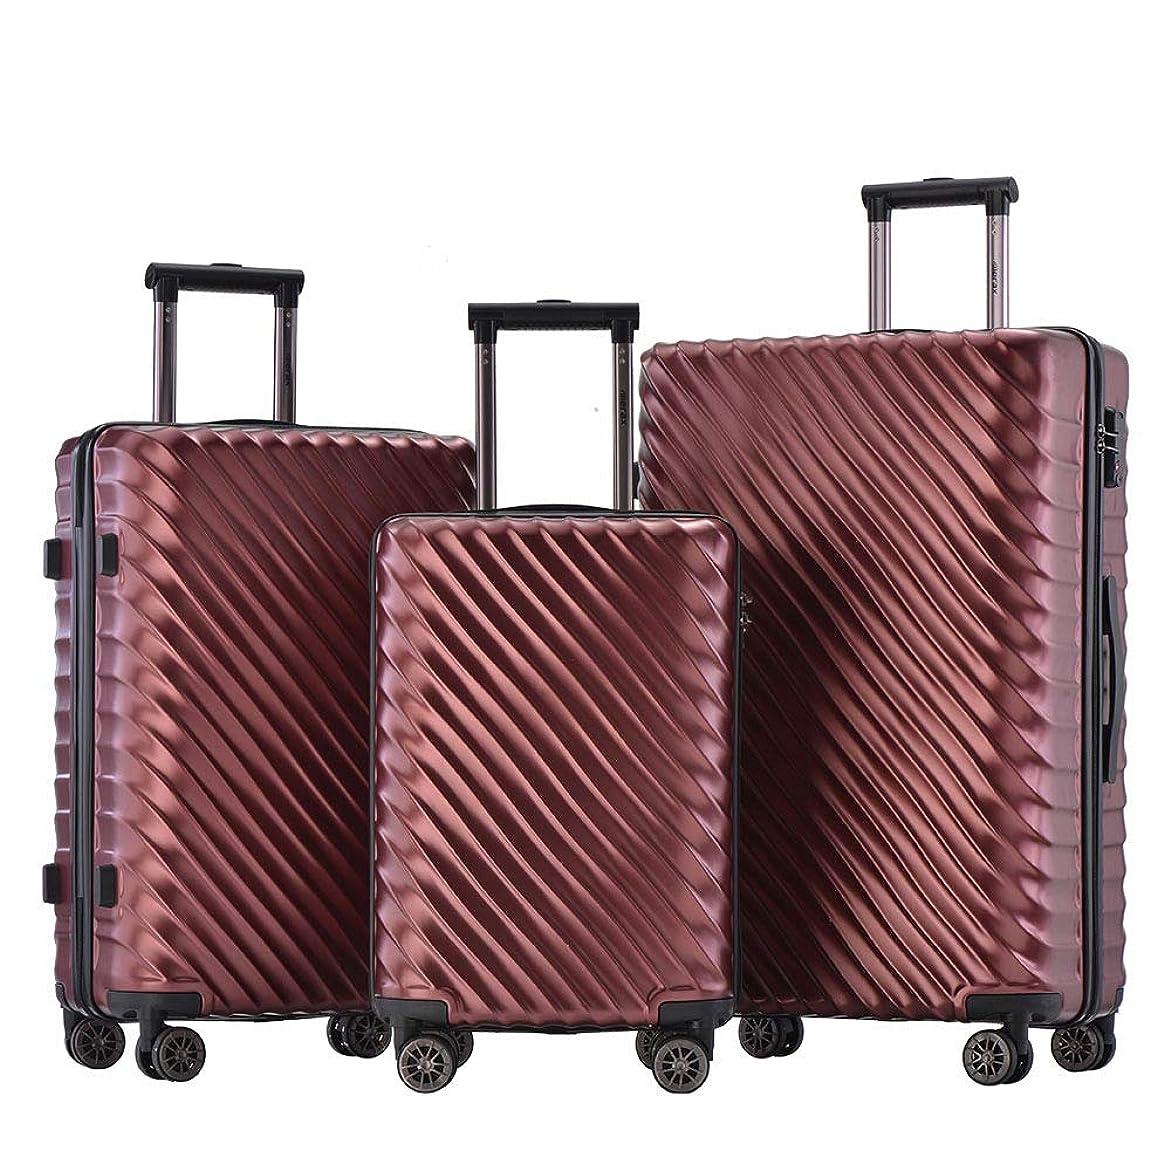 分布広告主聴衆旅行用 スーツケース キャリーケース TSAロック搭載 360°自由回転 超静音 人気色 大容量 超軽量 旅行 出張 内持ち込み